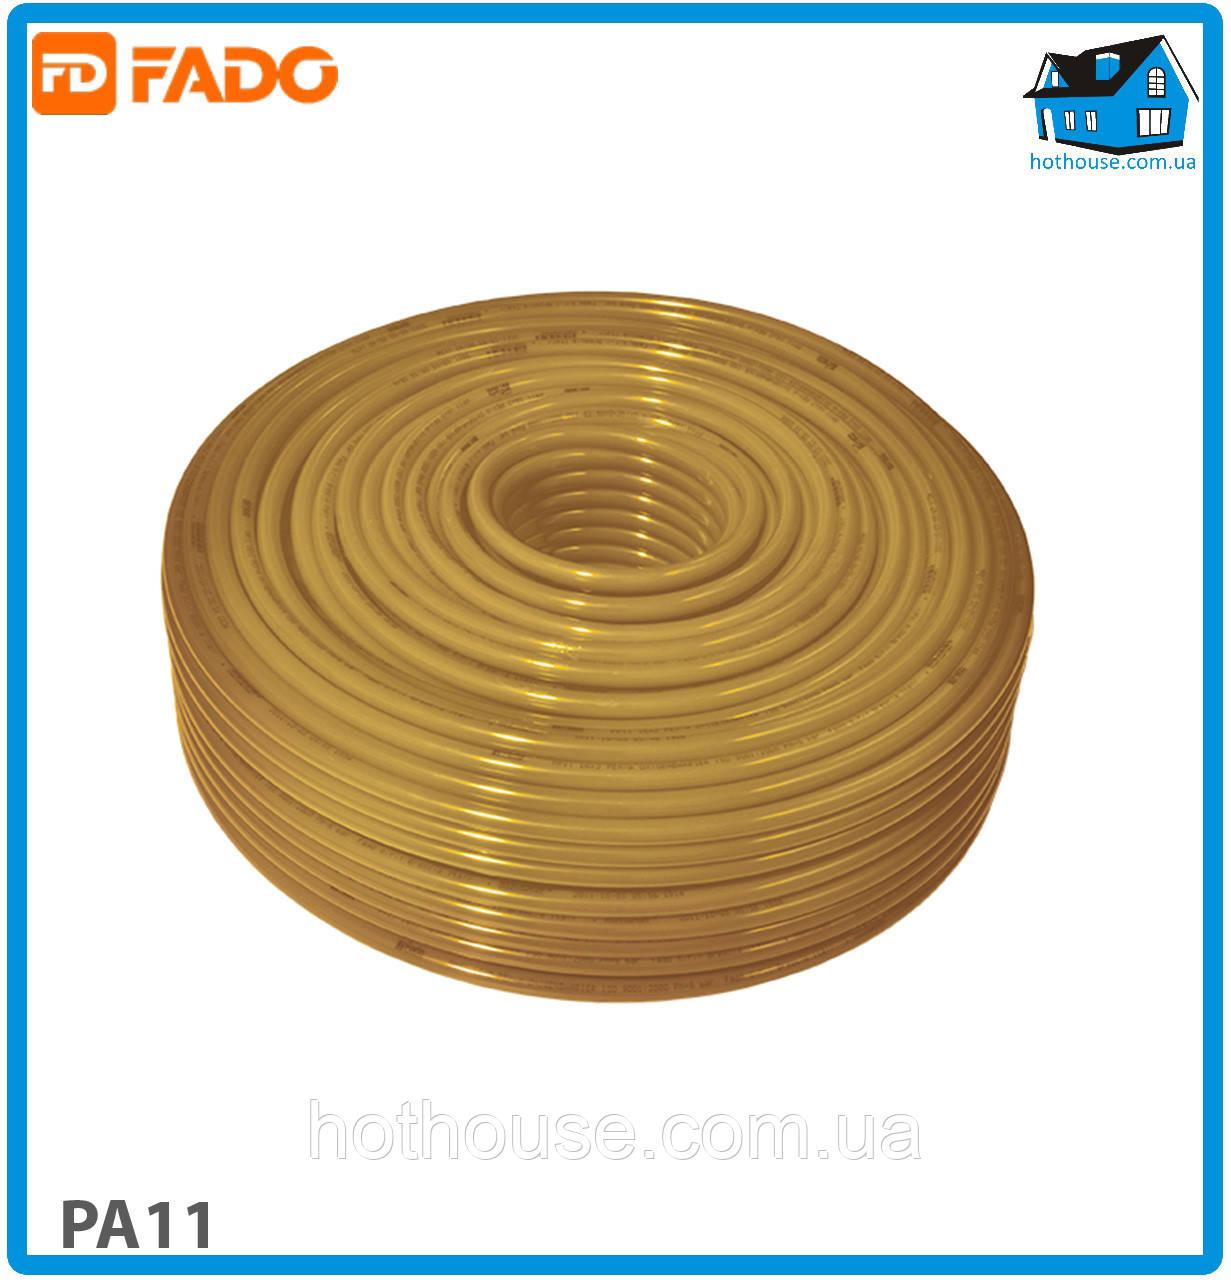 Труба PEX-A с кислородным барьером FADO PA11 FLOOR 16x2.0 120м